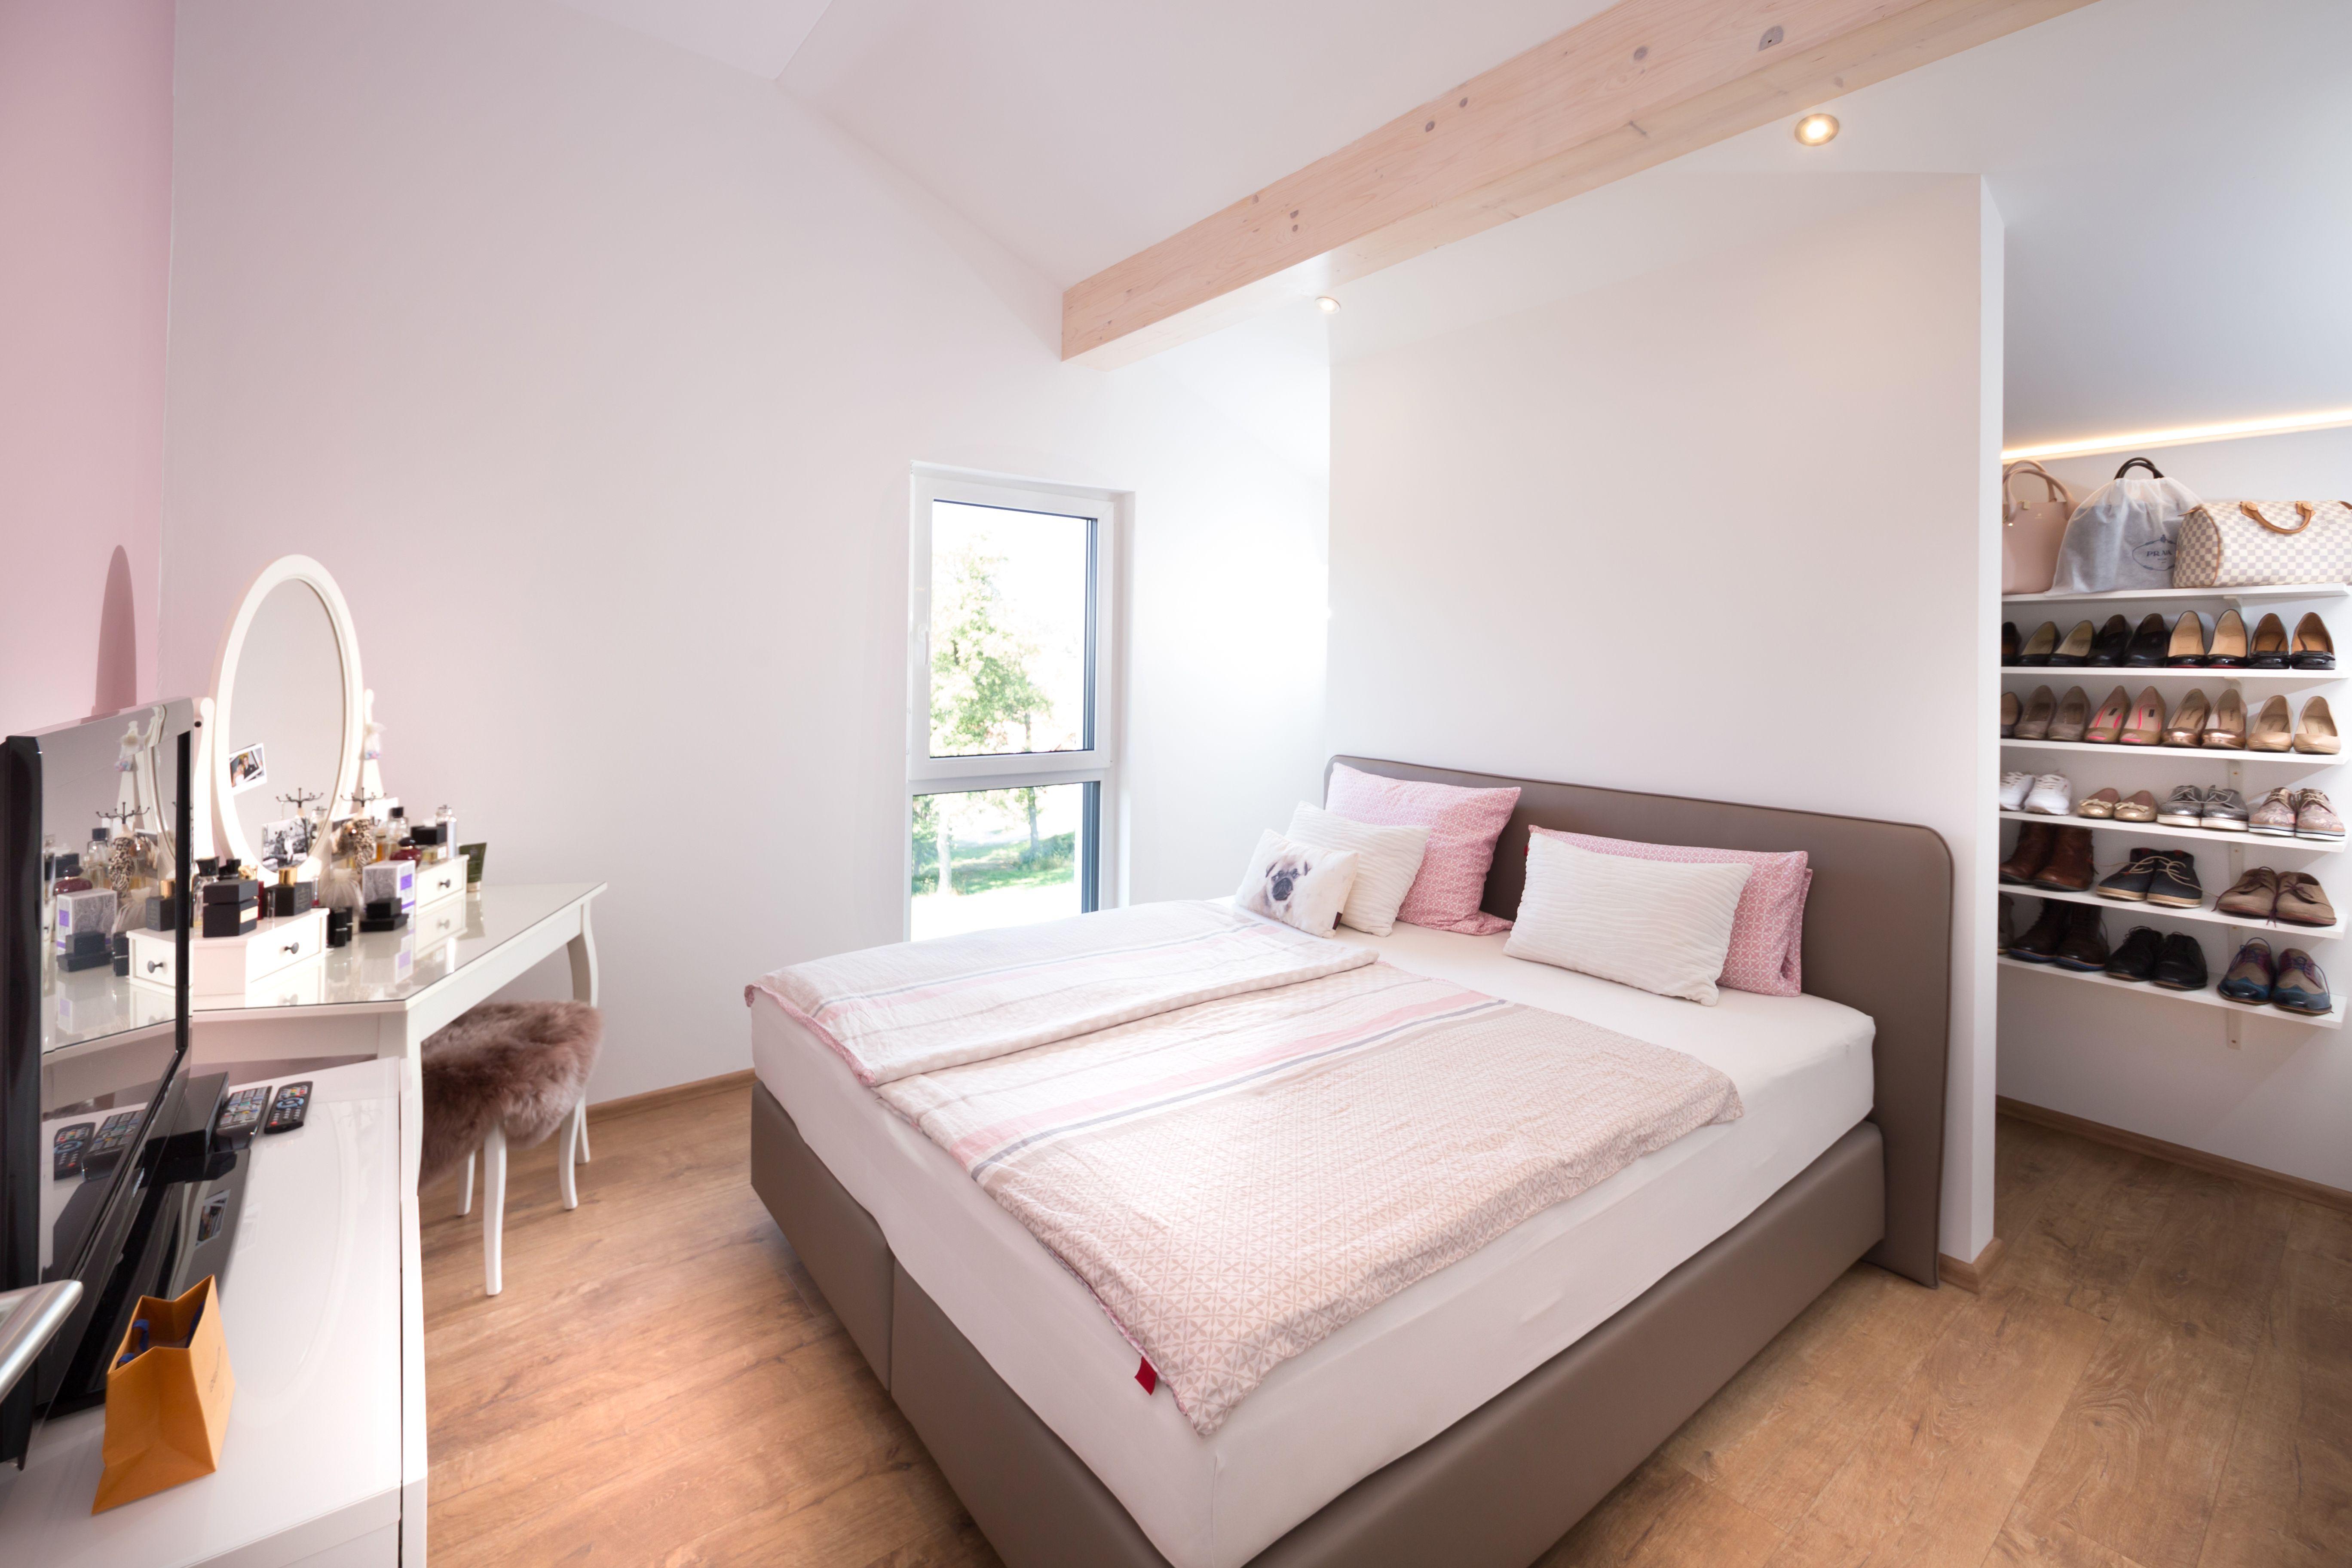 Modernes Schlafzimmer mit begehbarem Kleiderschrank